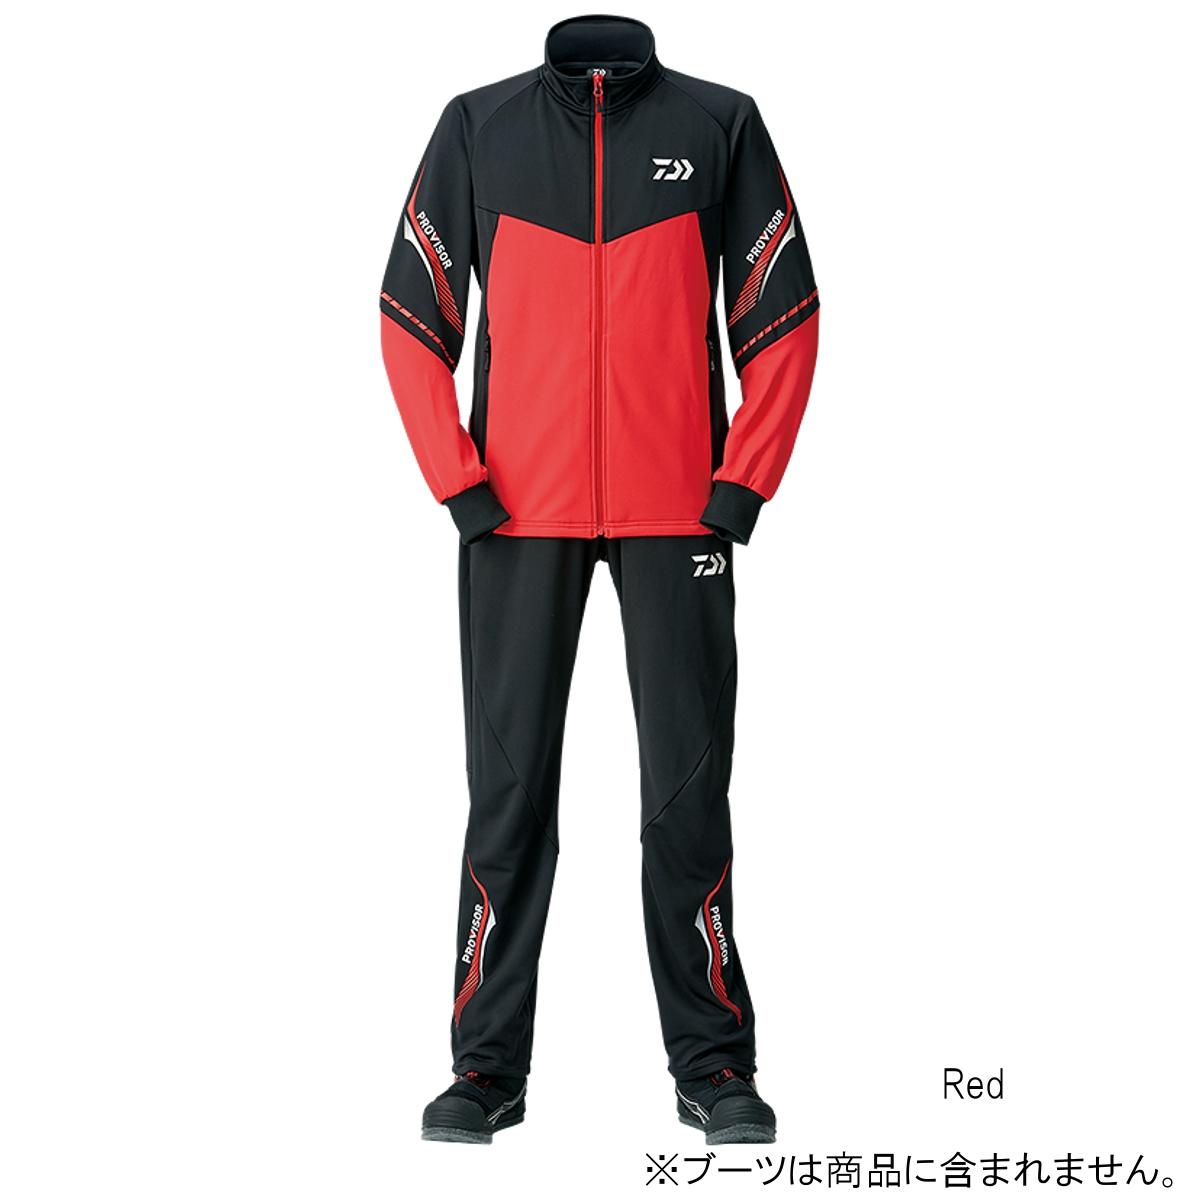 ダイワ プロバイザージャージスーツ DI-24008 L Red